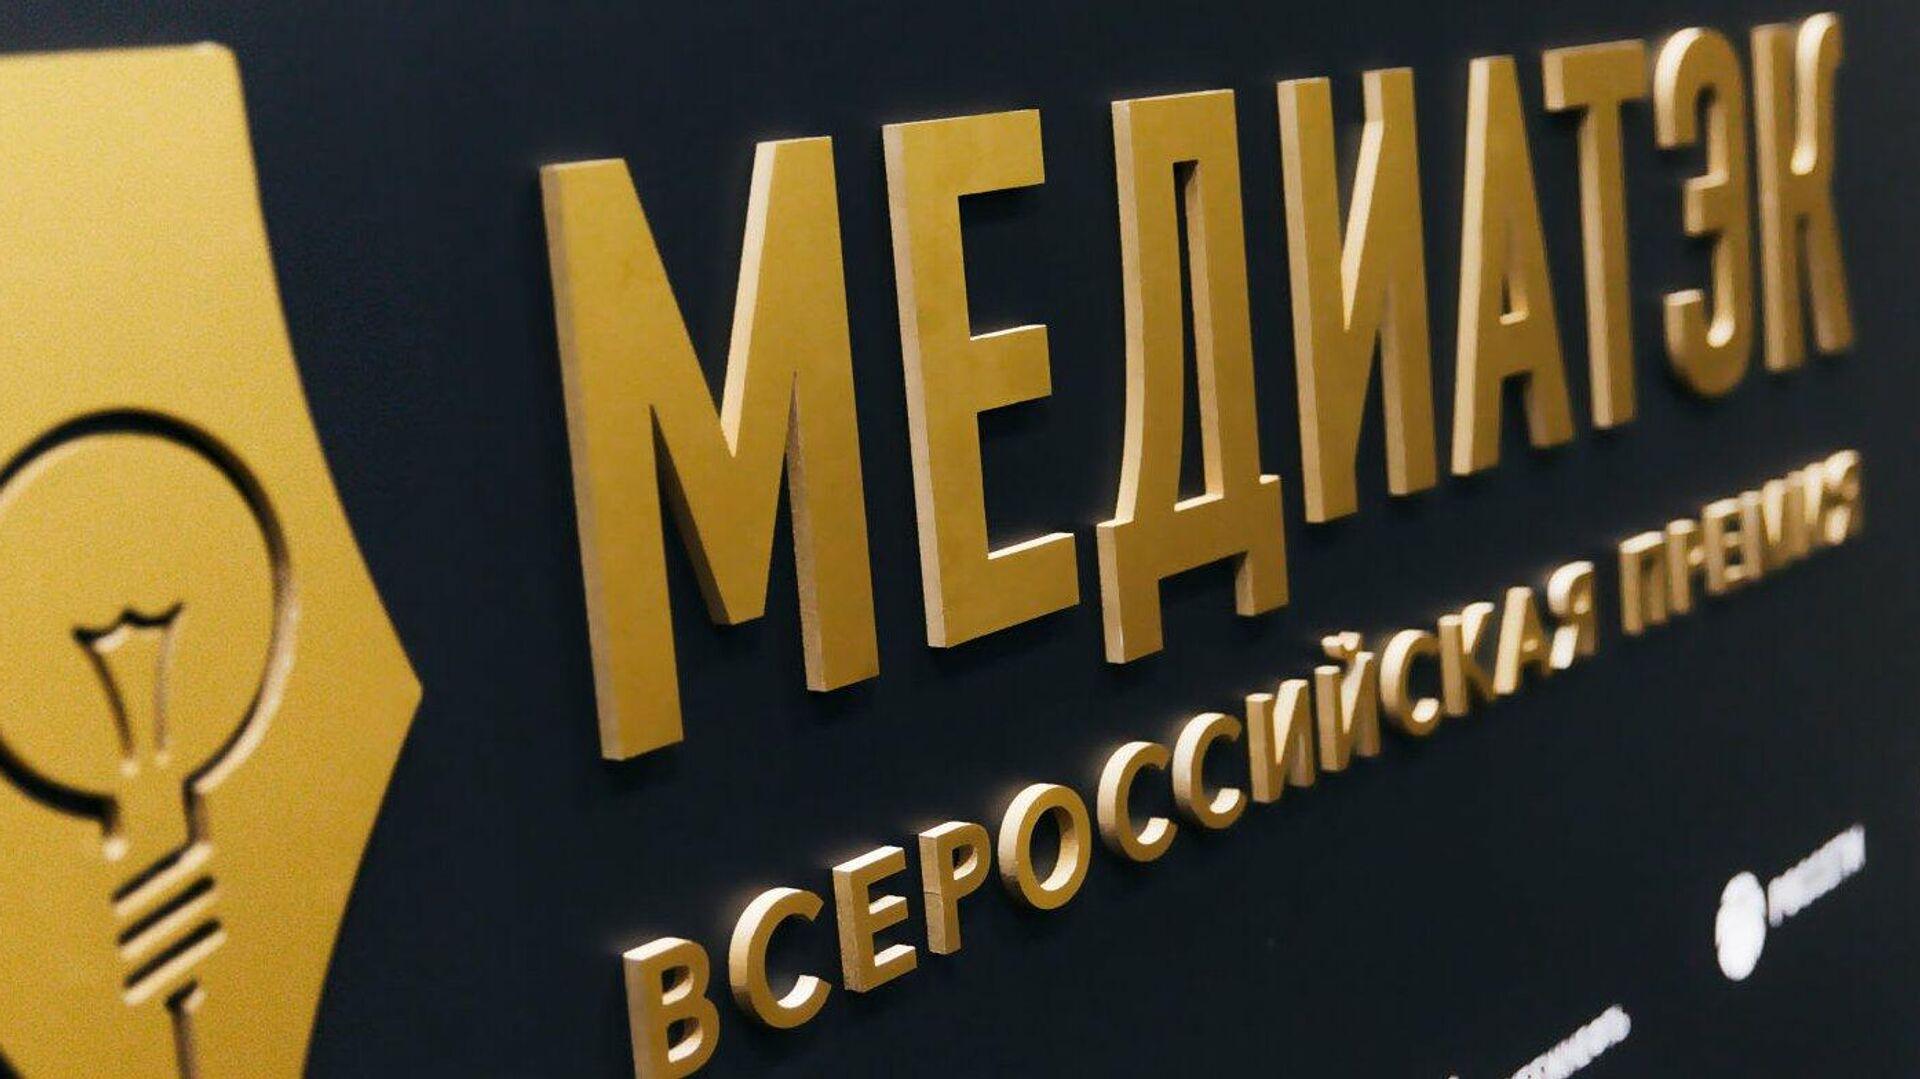 Агентство Sputnik Бразилия победило во Всероссийском конкурсе МедиаТЭК - РИА Новости, 1920, 11.11.2020